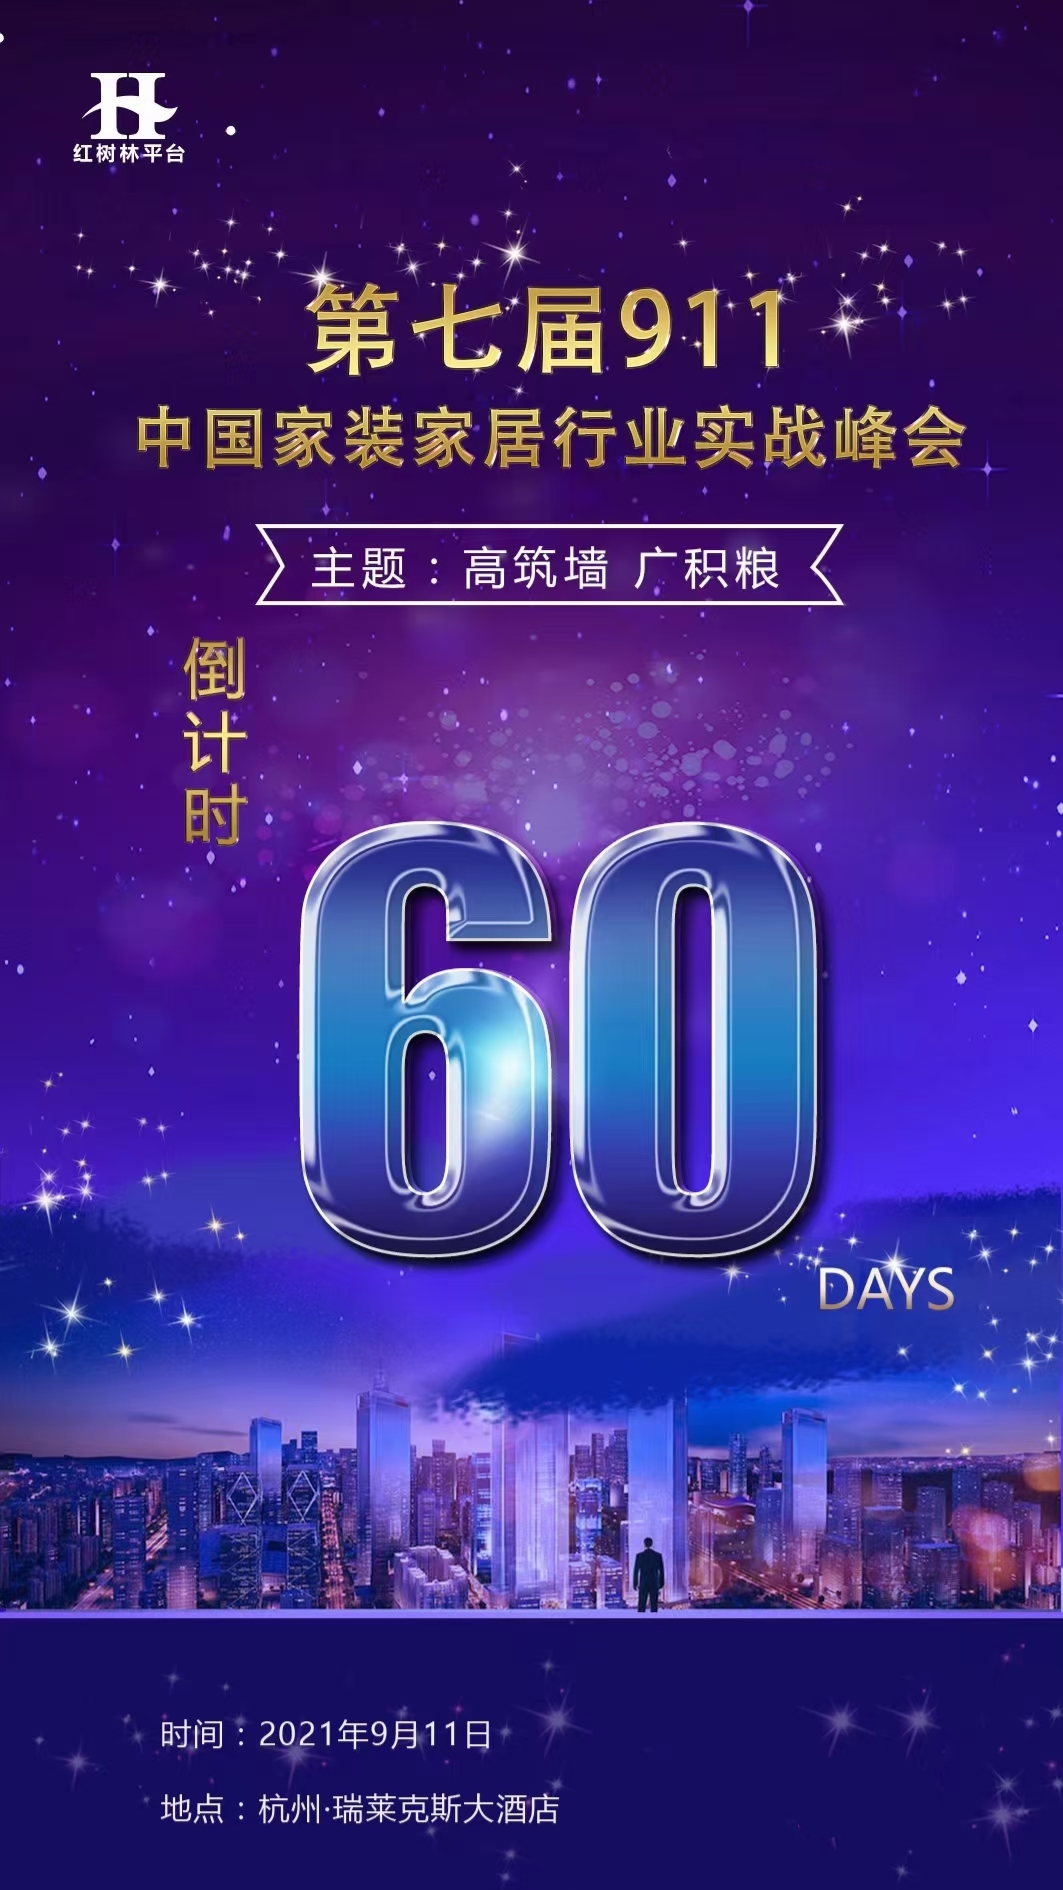 第七届911中国家装家居行业实战峰会